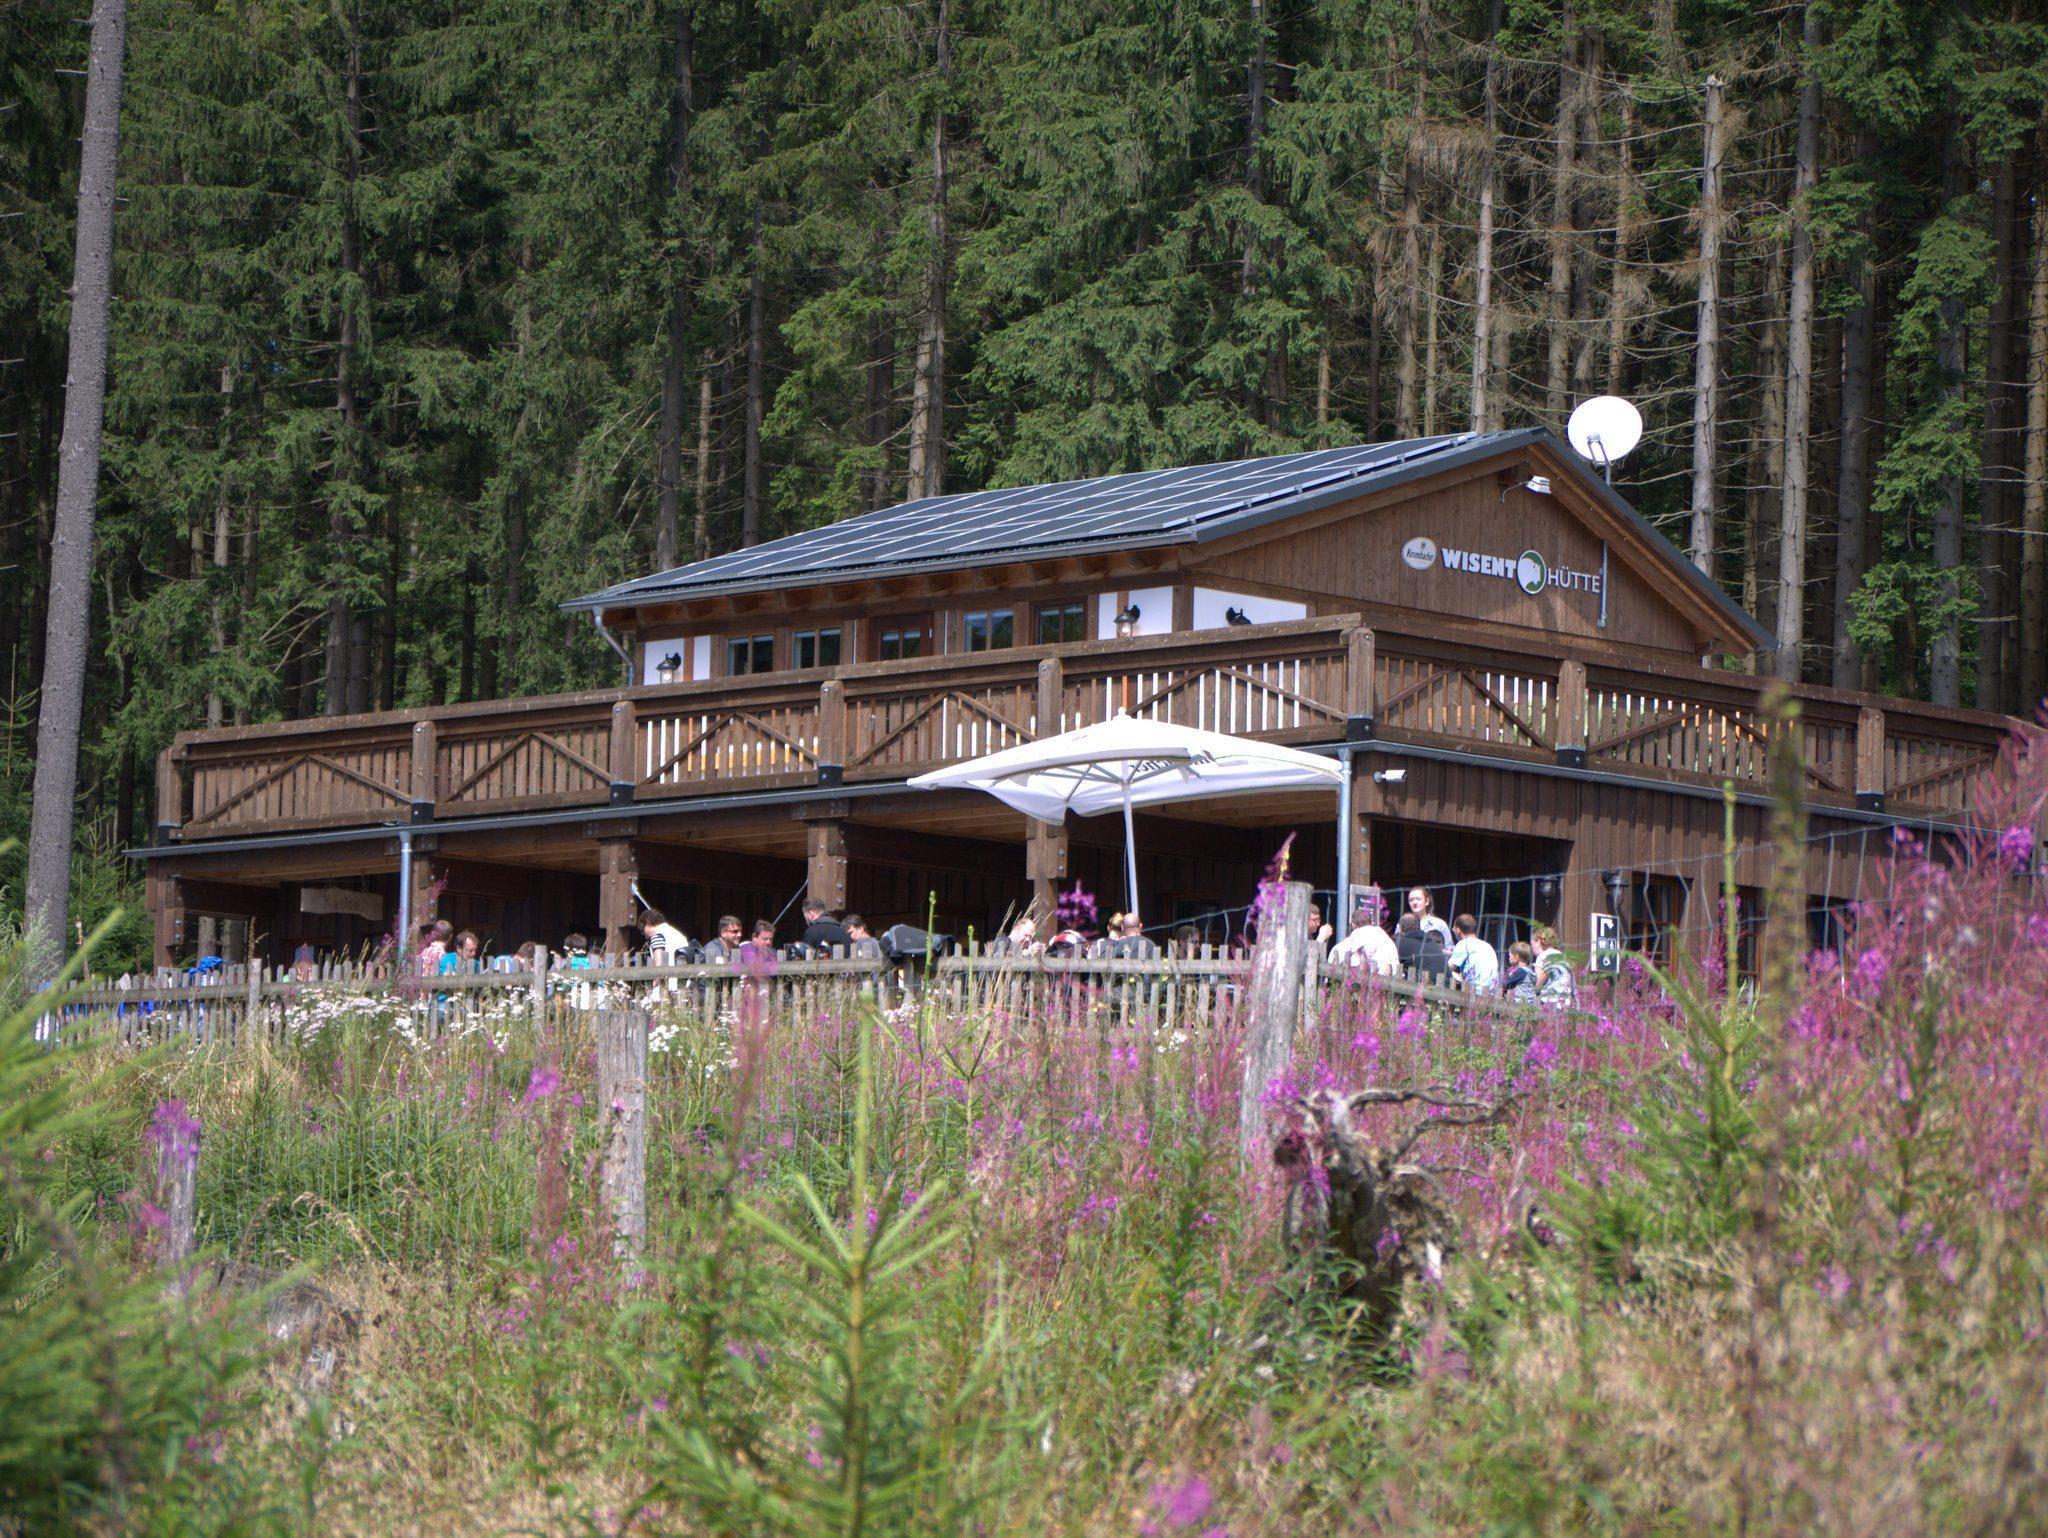 Die Wisent-Hütte. Hier gibt's neben Eintrittskarten, Souvenirs und WC auch ein Restaurant mit Terrasse.